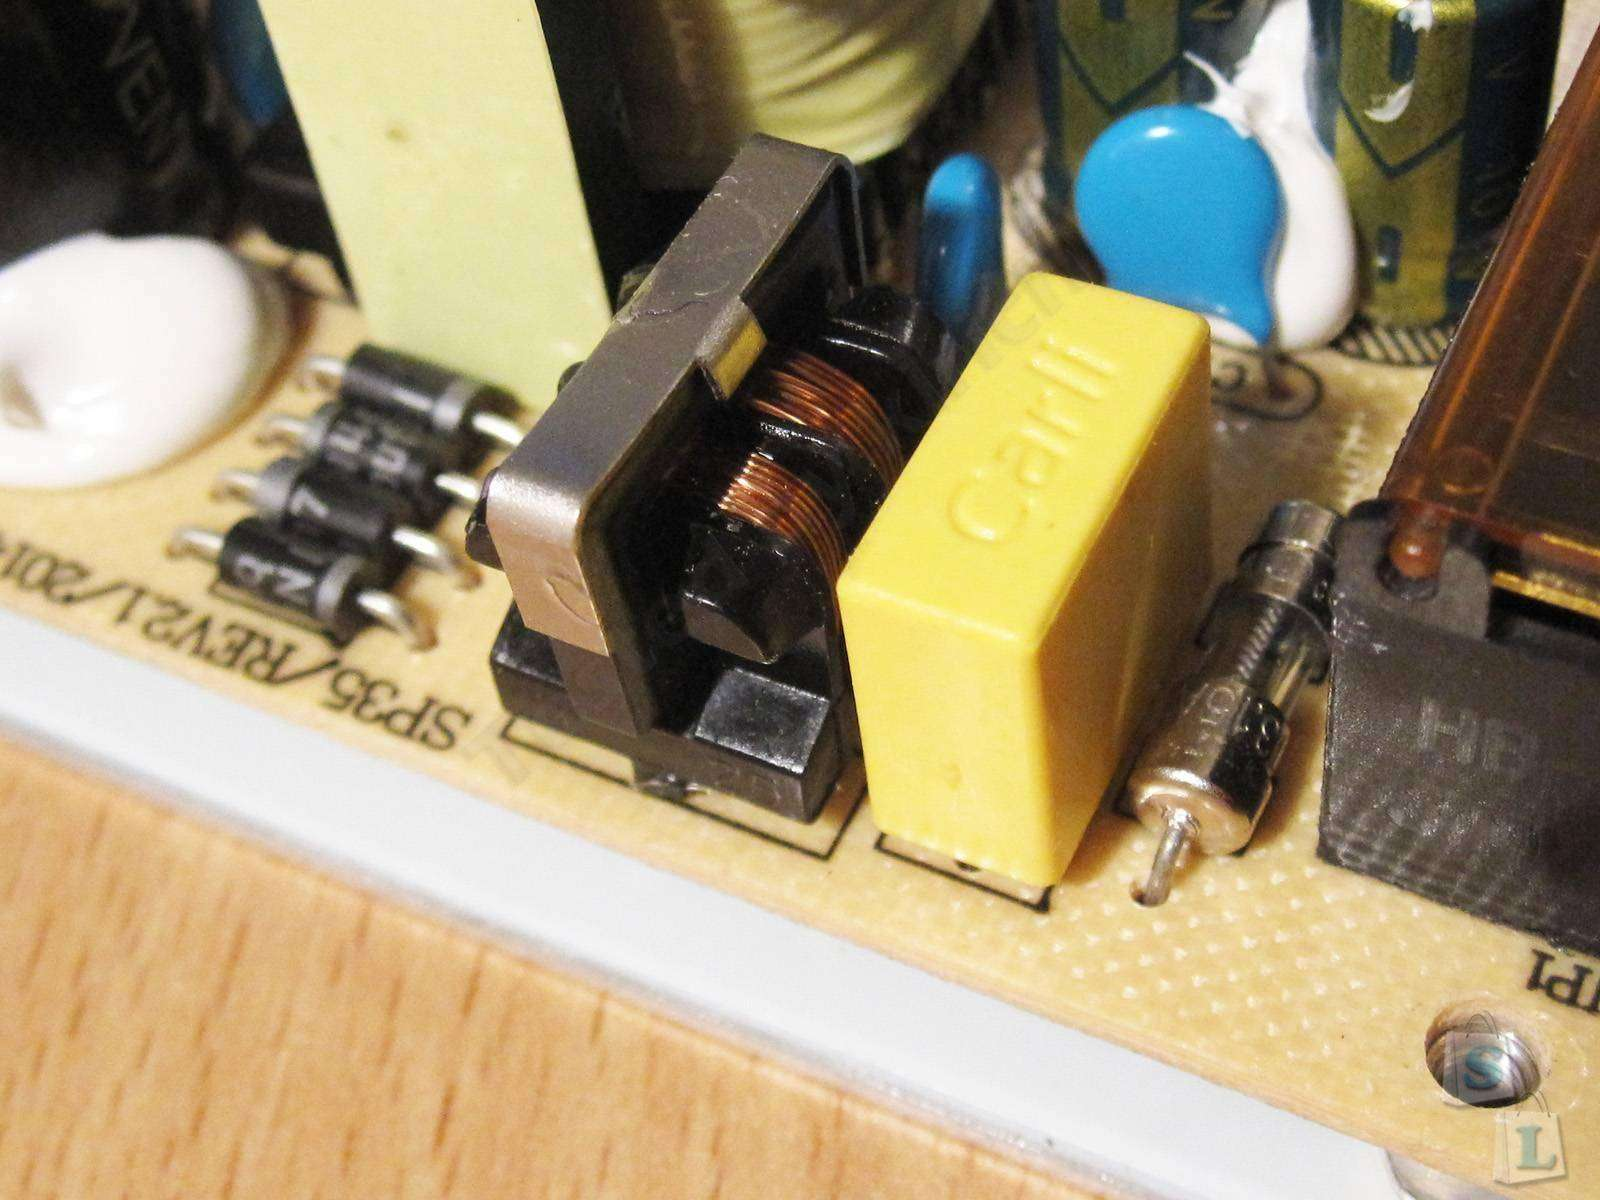 GearBest: 5 Вольт 7.2 Ампера и 36 Ватт или небольшой рассказ о том, как выбрать правильный блок питания.